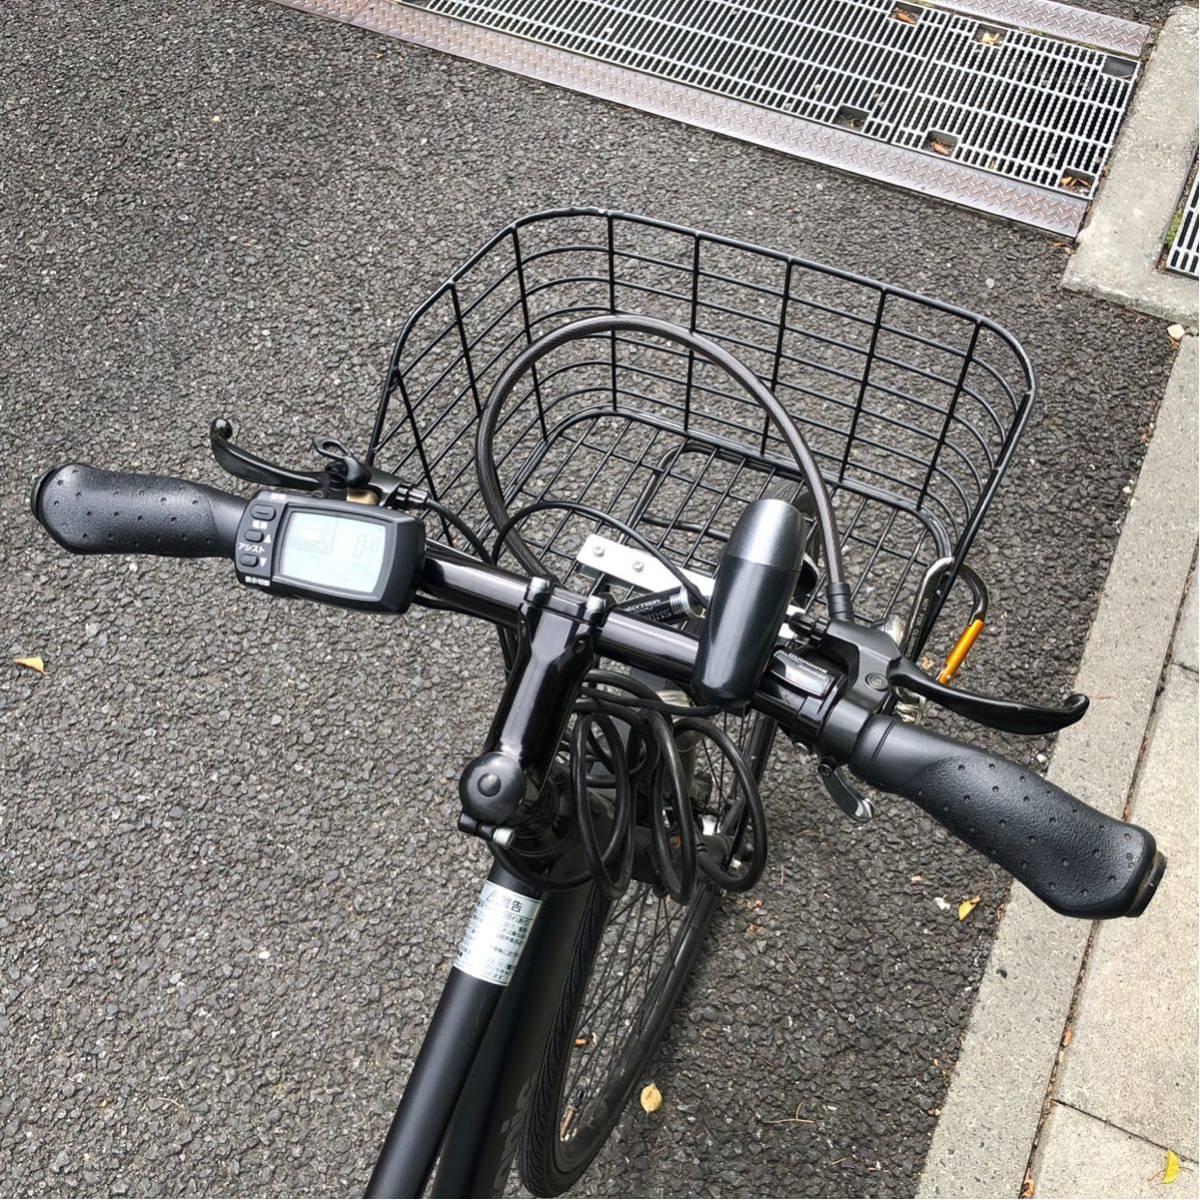 パナソニック ジェッター JETTER 電動自転車 クロスバイク マットブラック 美車 不具合無し 埼玉発 自転車_画像5